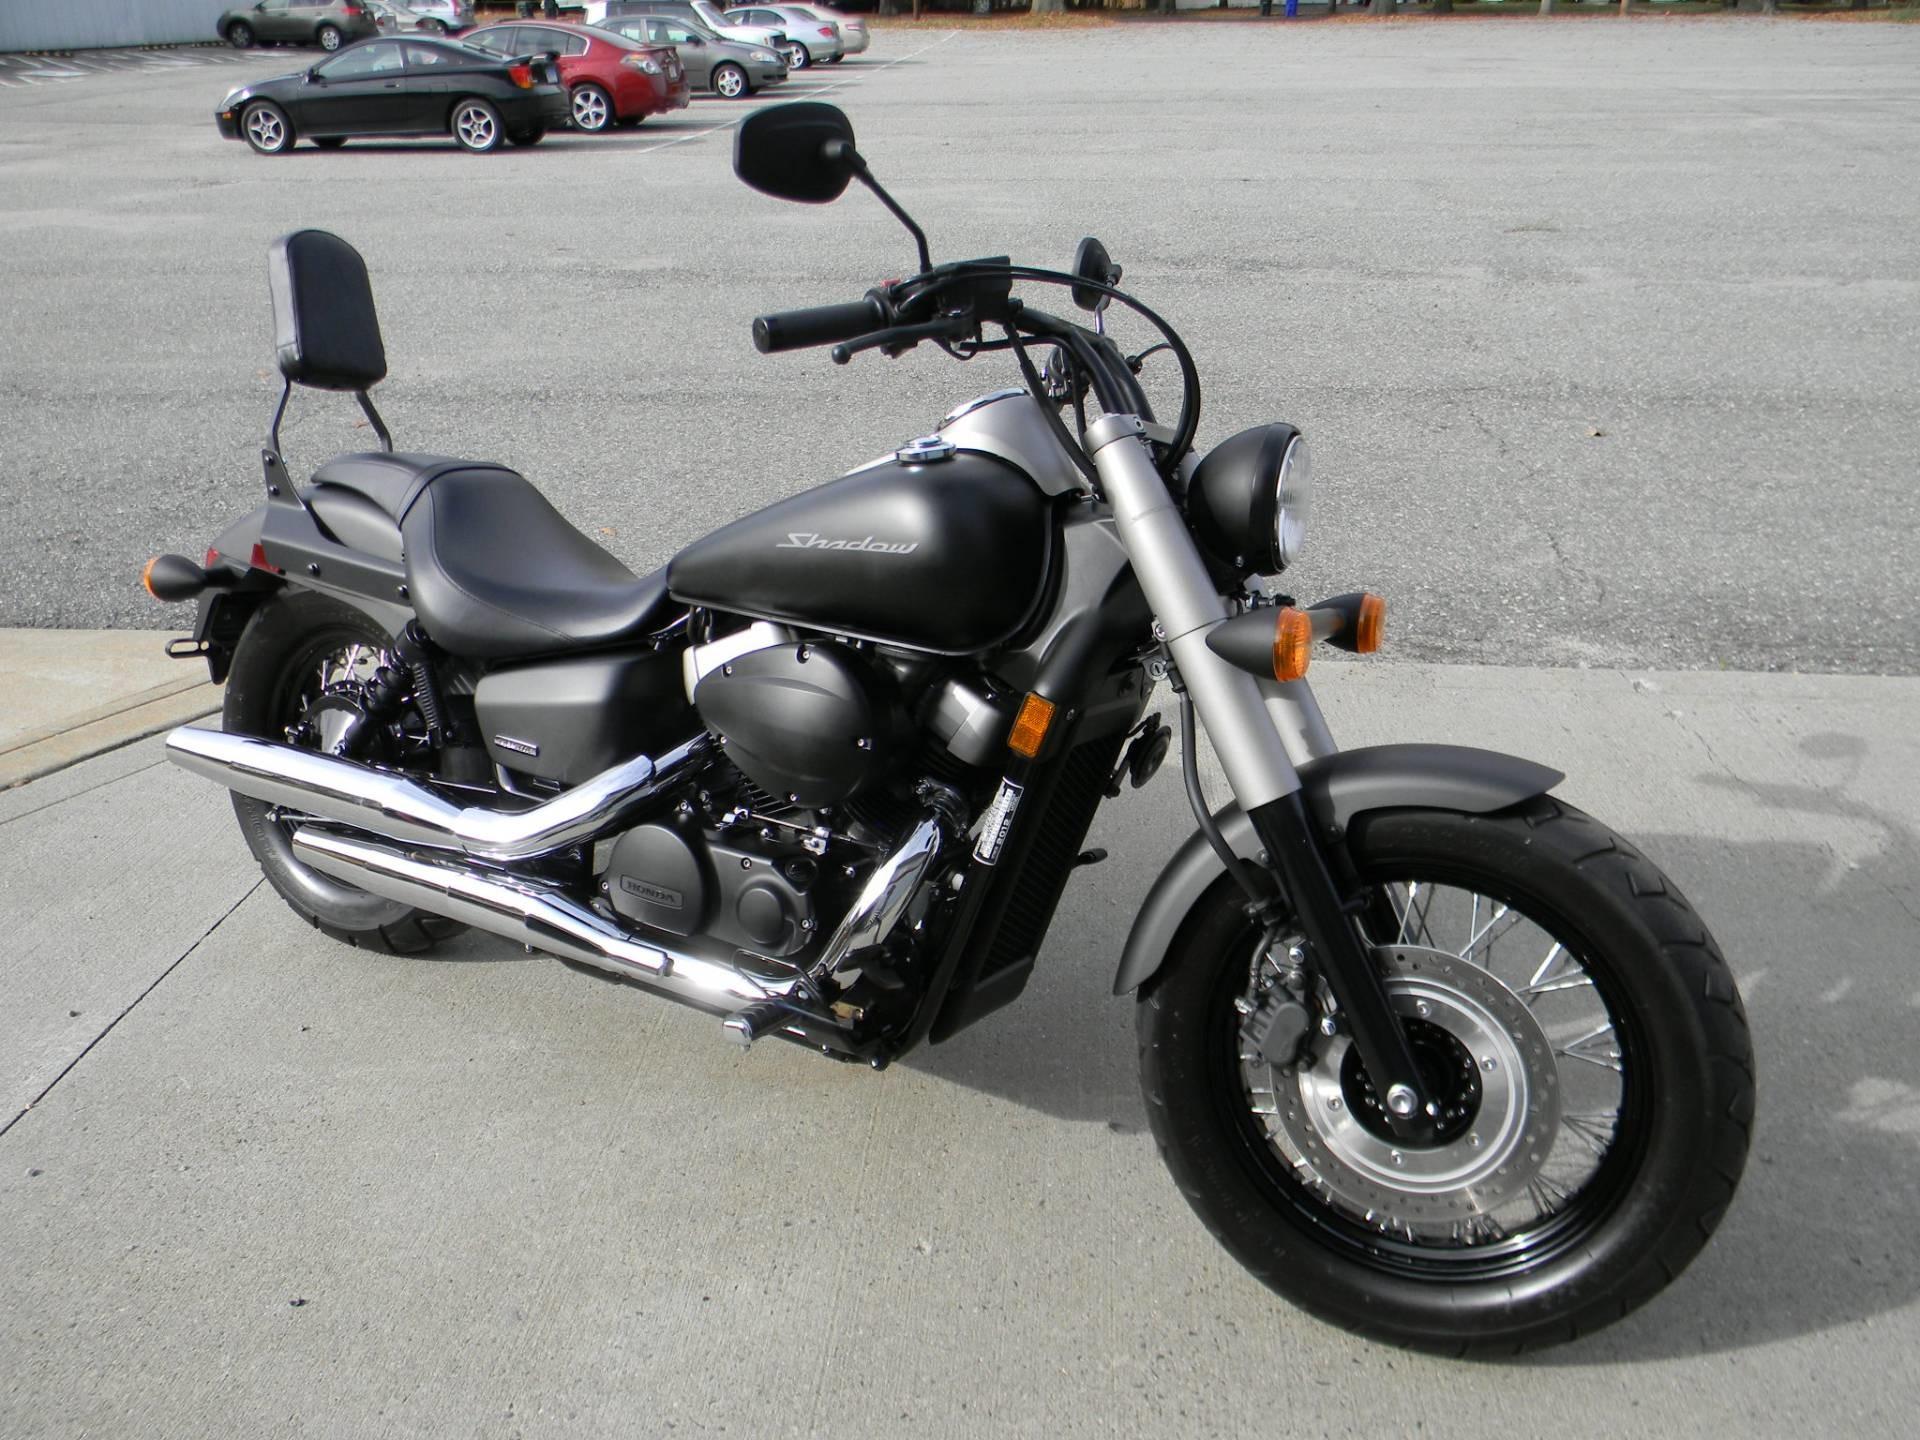 1920x1440 2015 Honda Shadow Phantom® In Tulsa, Oklahoma